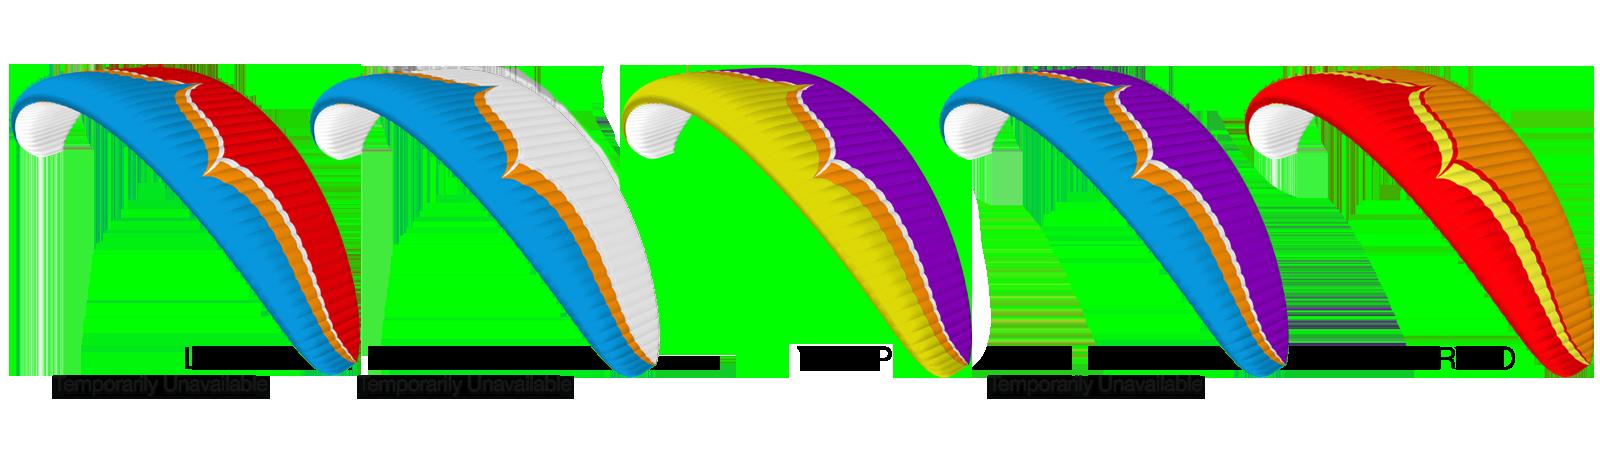 スイフト5 Colour Options